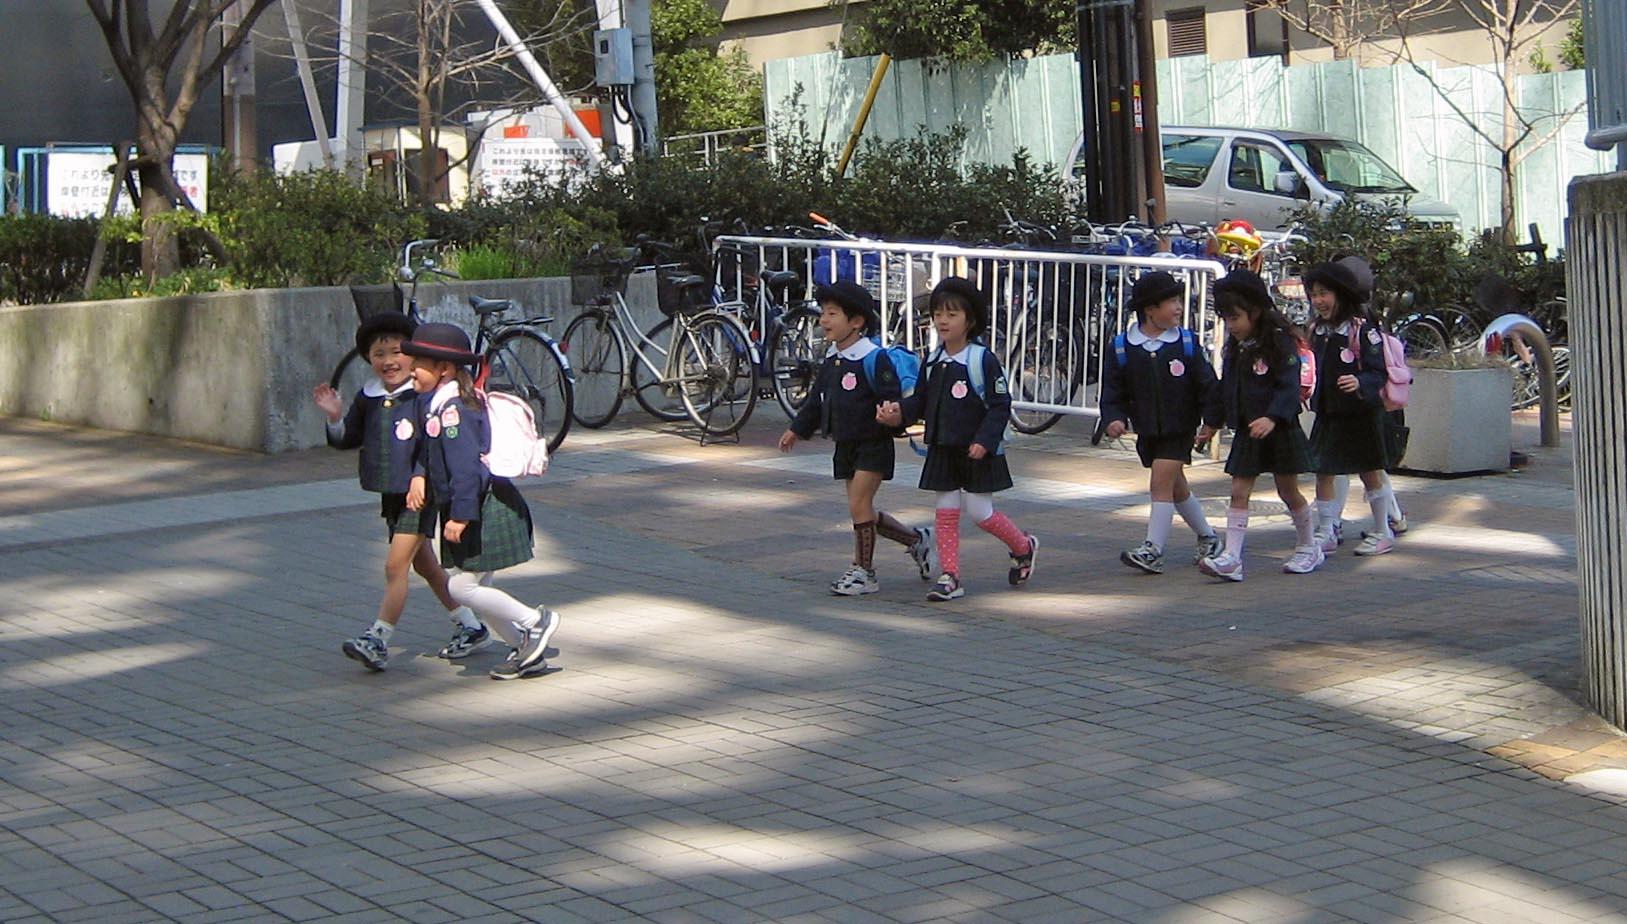 海外から見ると、「小学生が一人で通学する」日本はありえないらしい